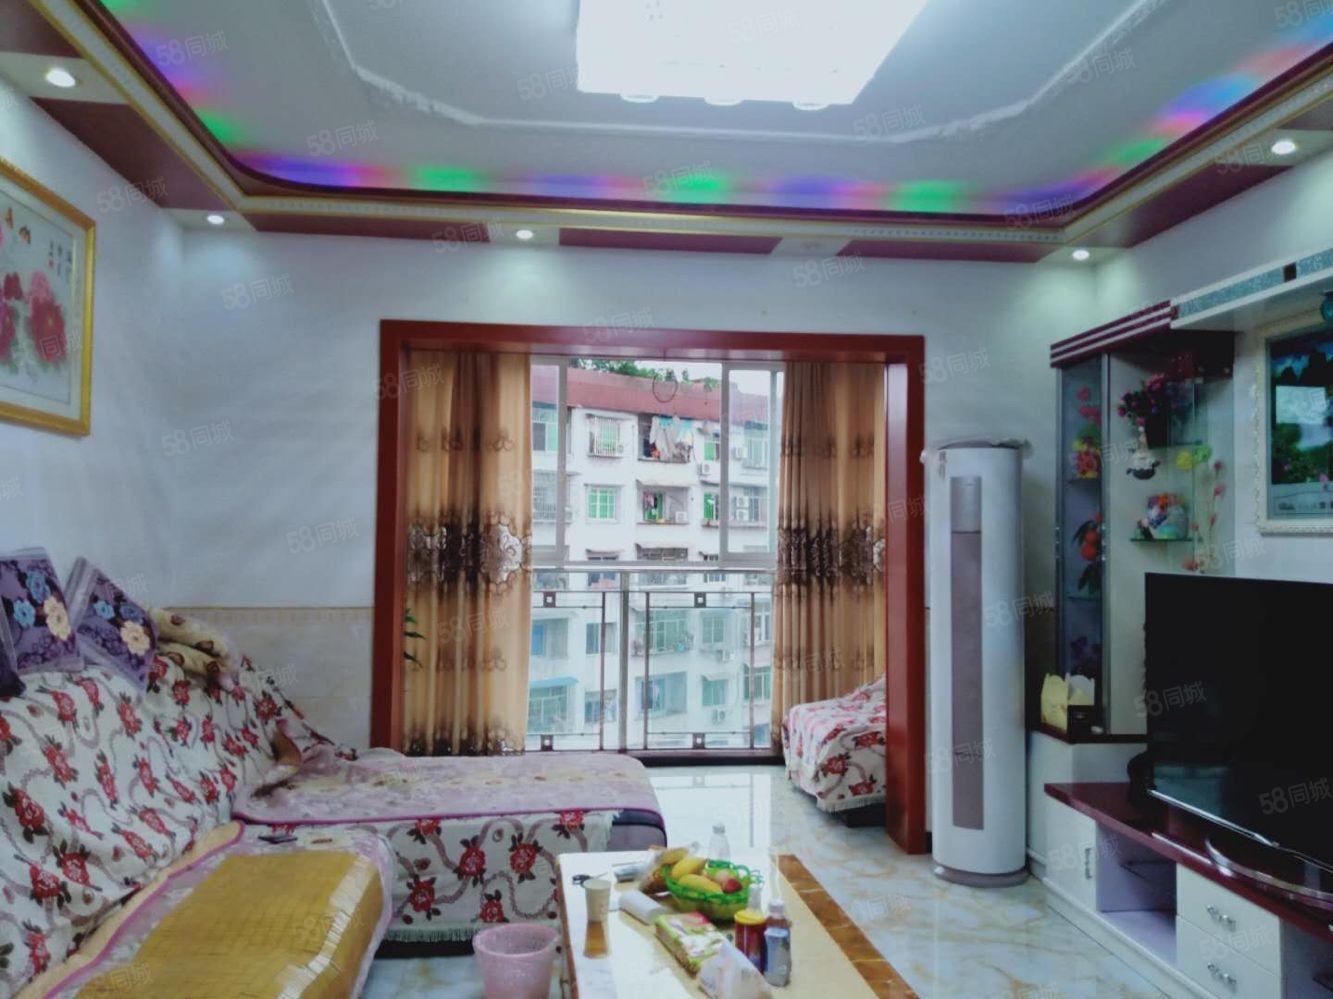 老城水印兰亭电梯两房诚租家具家电齐全小区环境优美交通便利